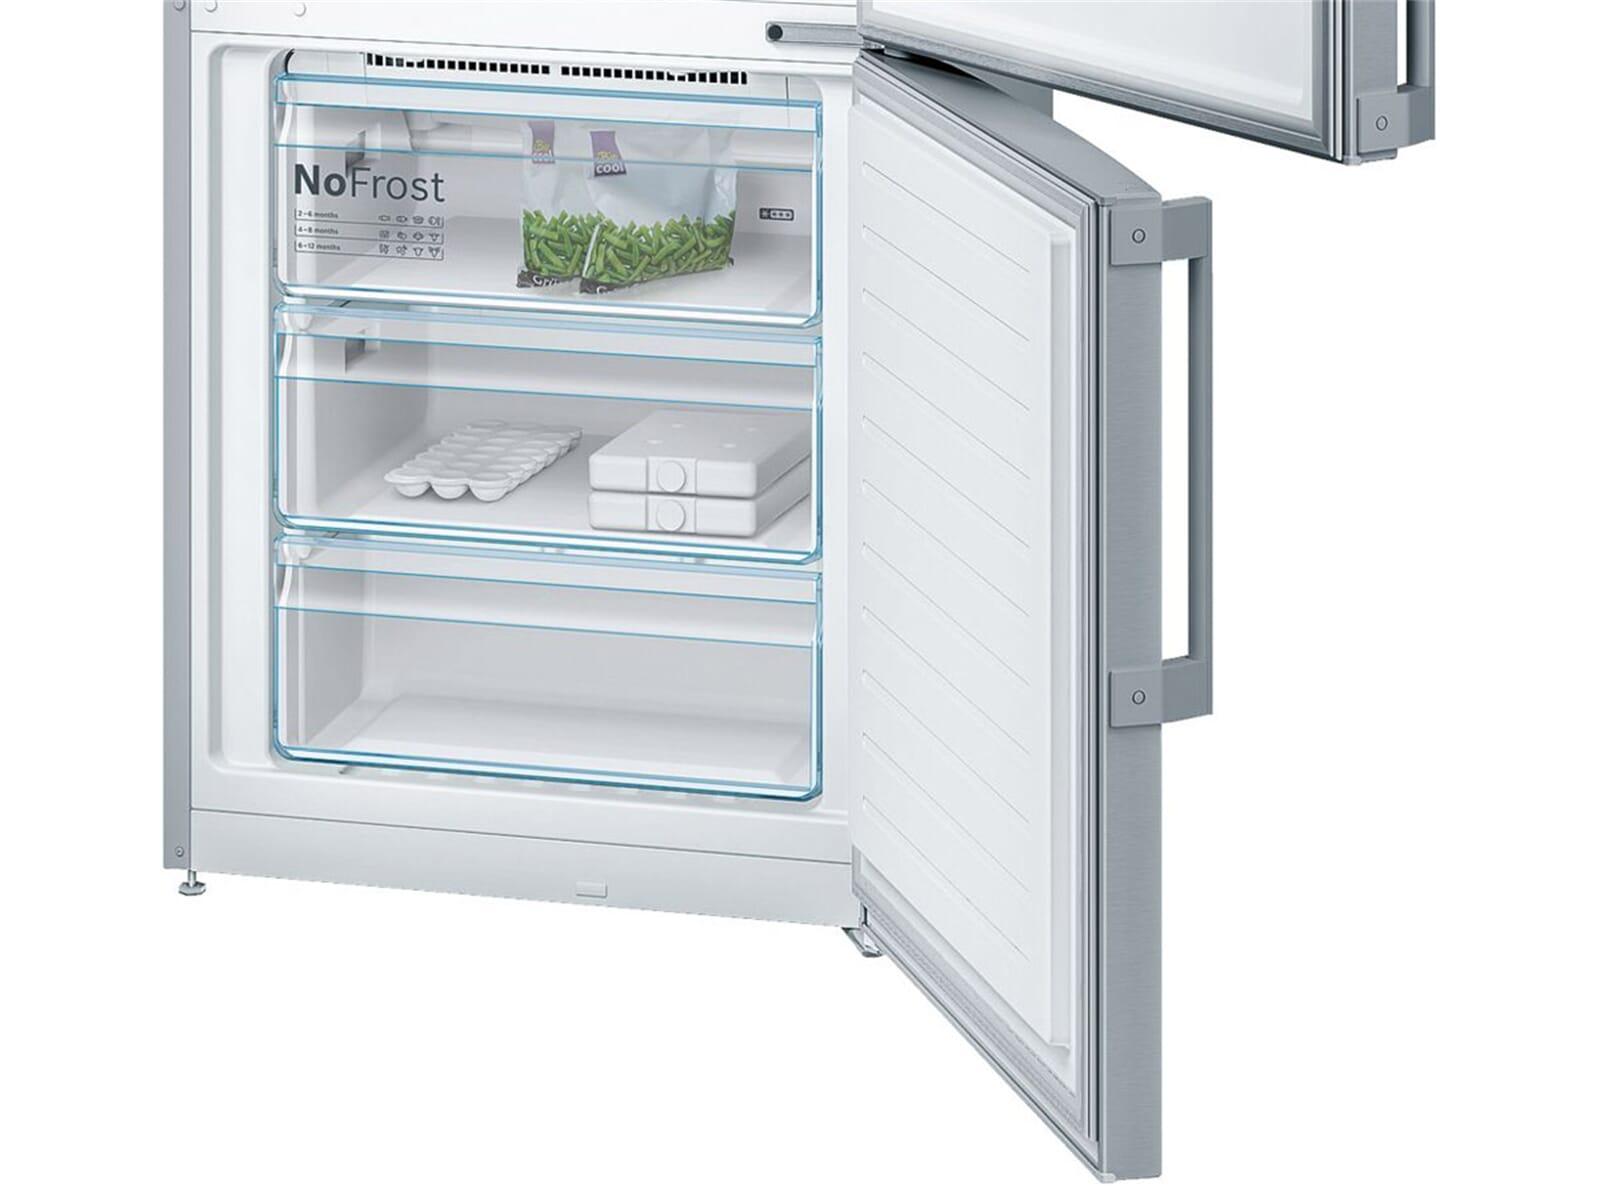 Bosch Kühlschrank Cooler Bedienungsanleitung : Bosch kgf pi kühl gefrierkombination edelstahl